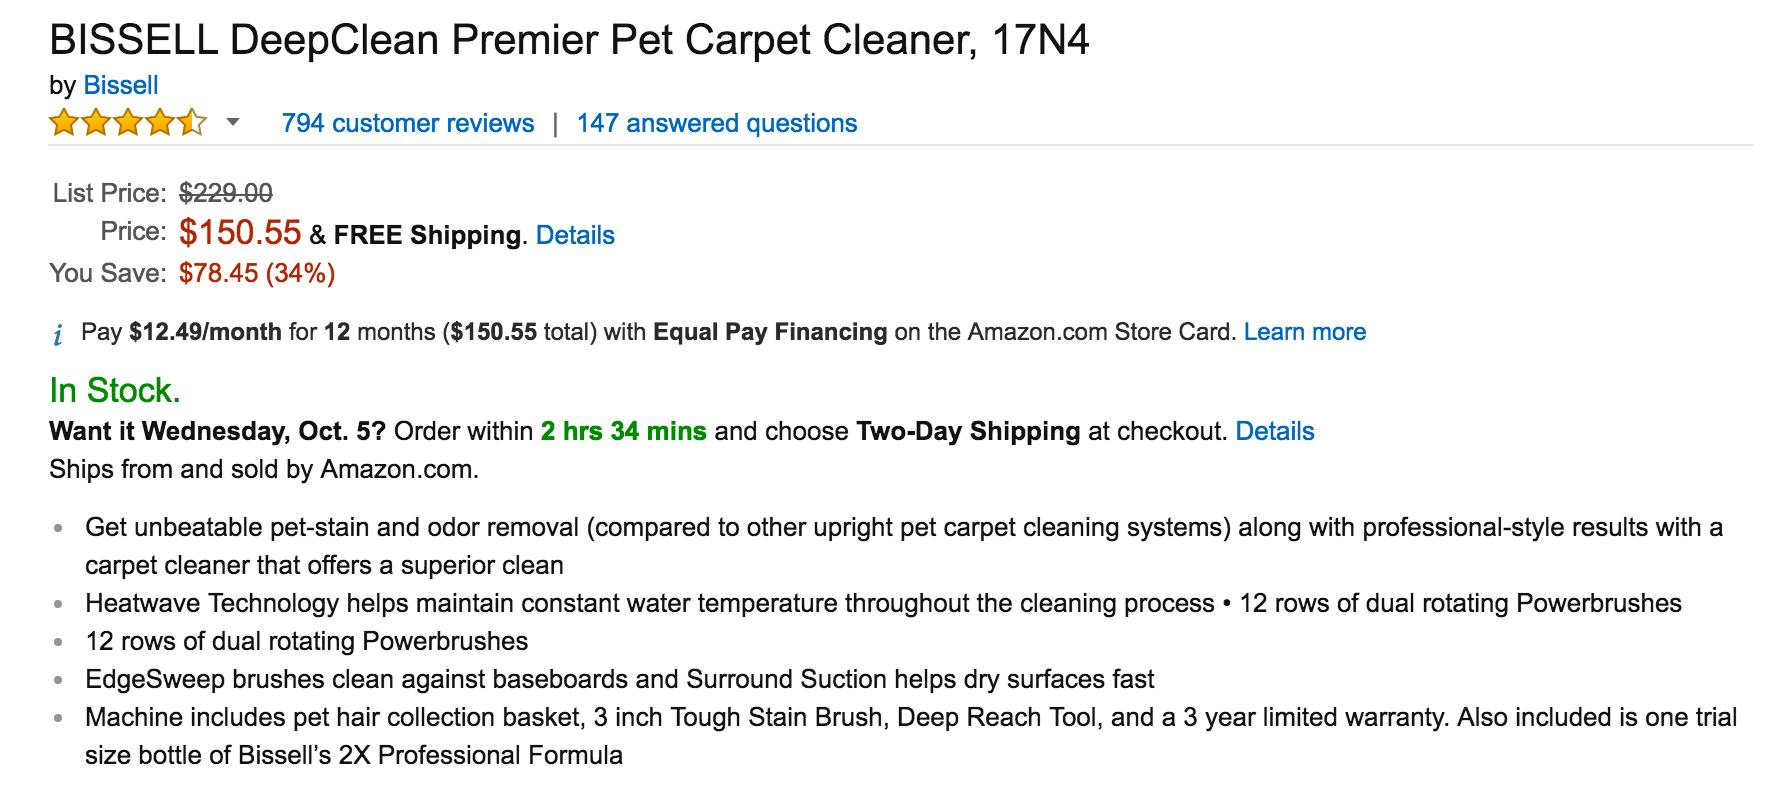 bissell-deepclean-premier-pet-carpet-cleaner-5